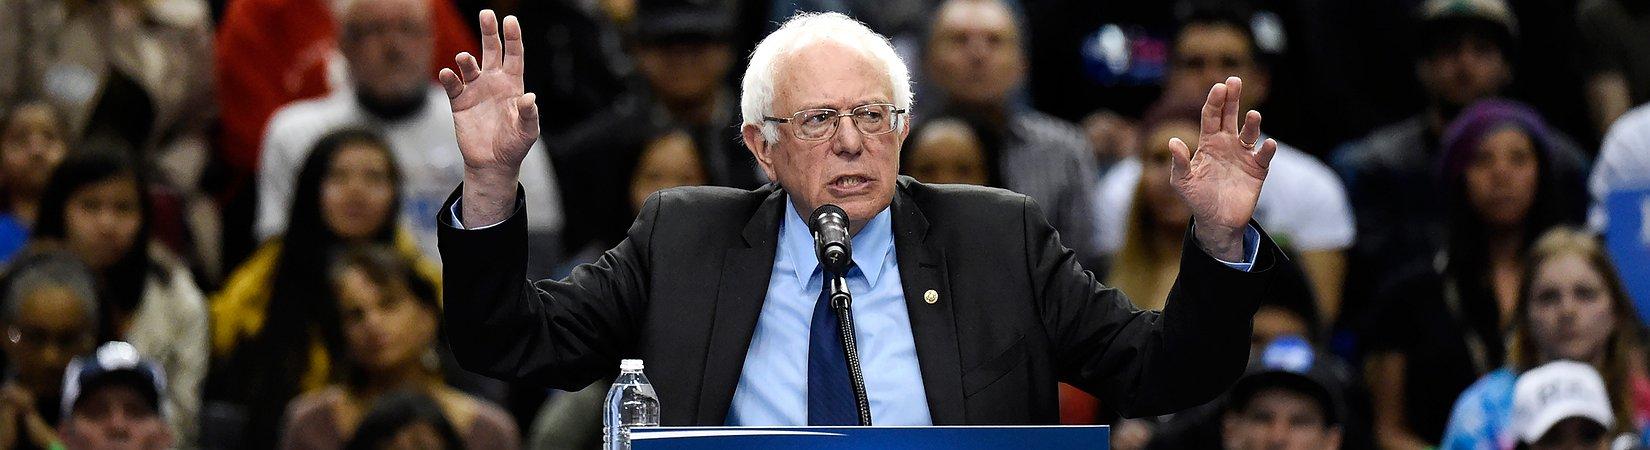 Wer ist Bernie Sanders